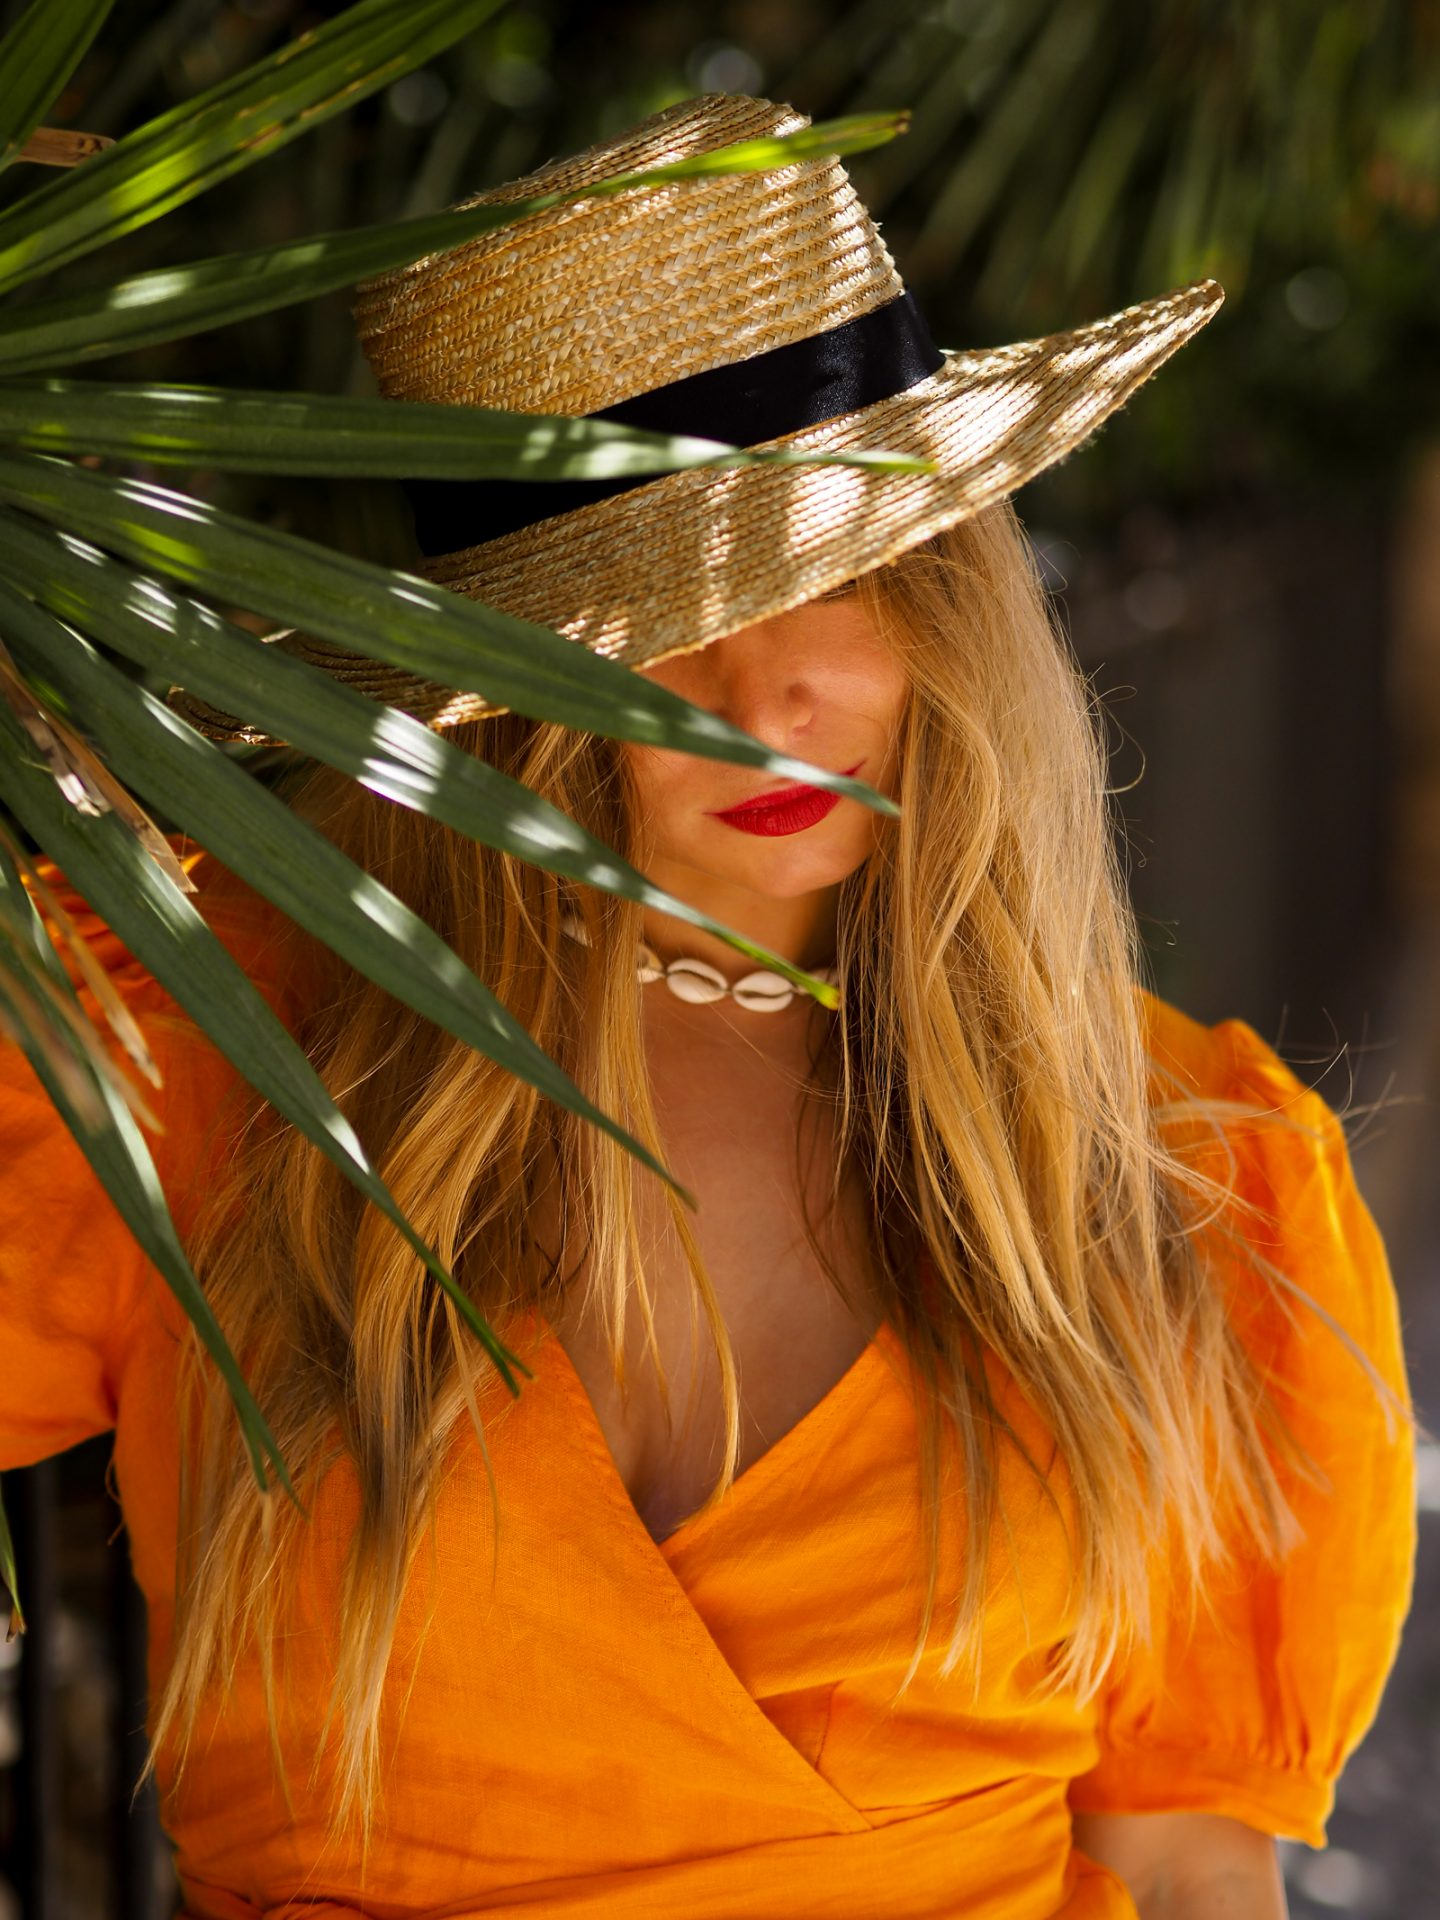 Tendance été 2019 : cap sur la robe en lin !